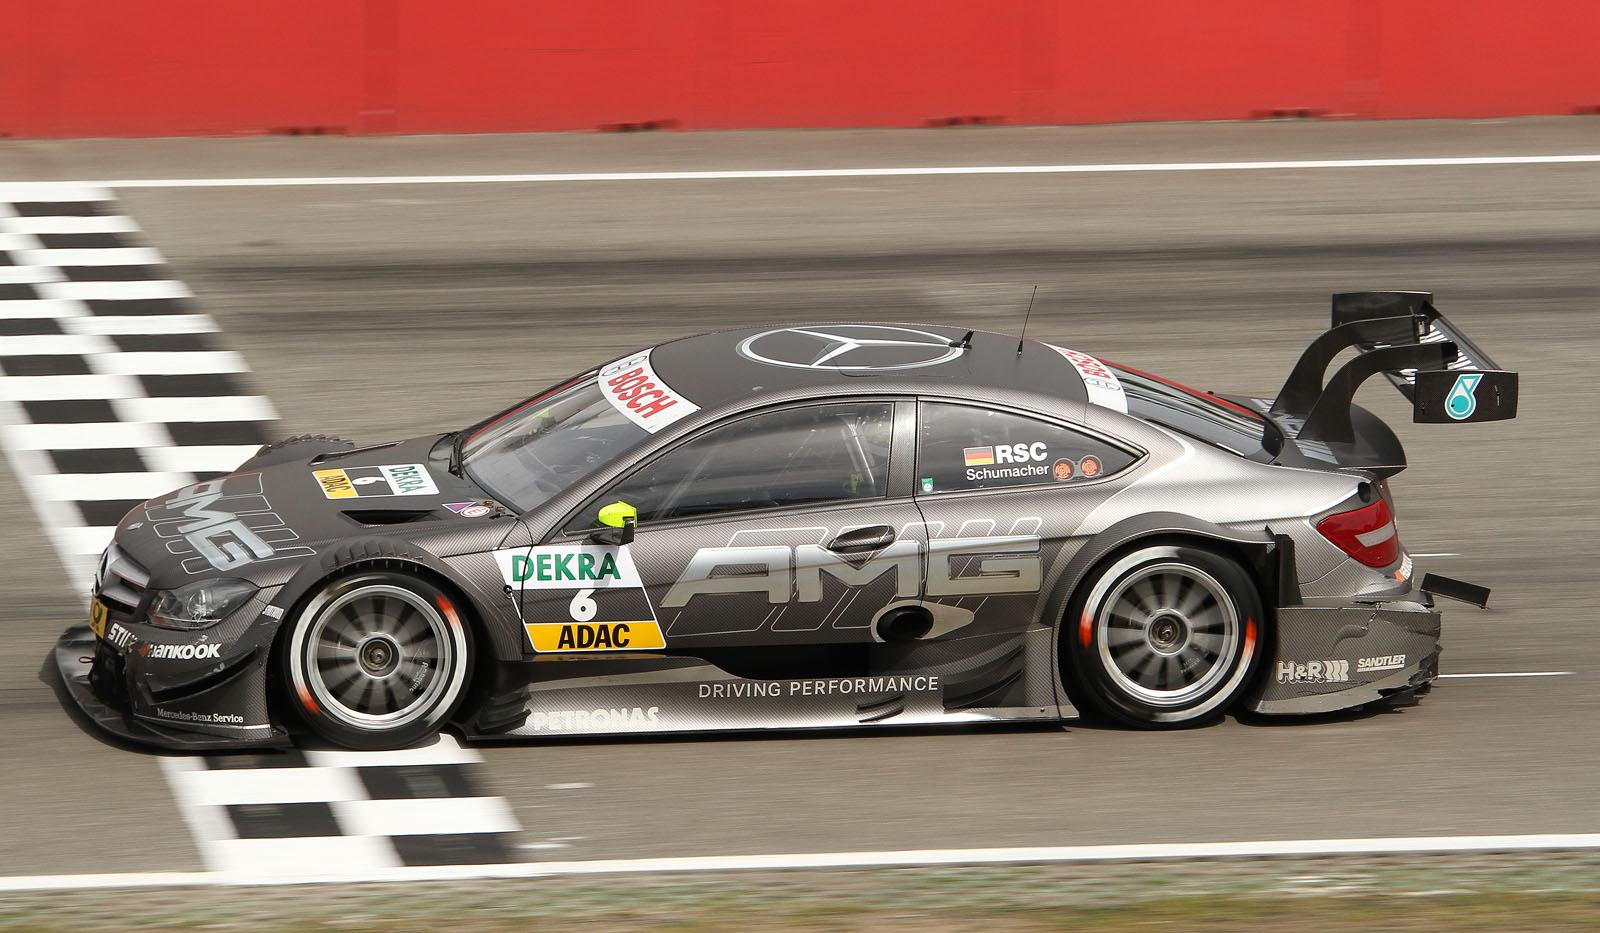 DTM 2012 Ralf Schumacher